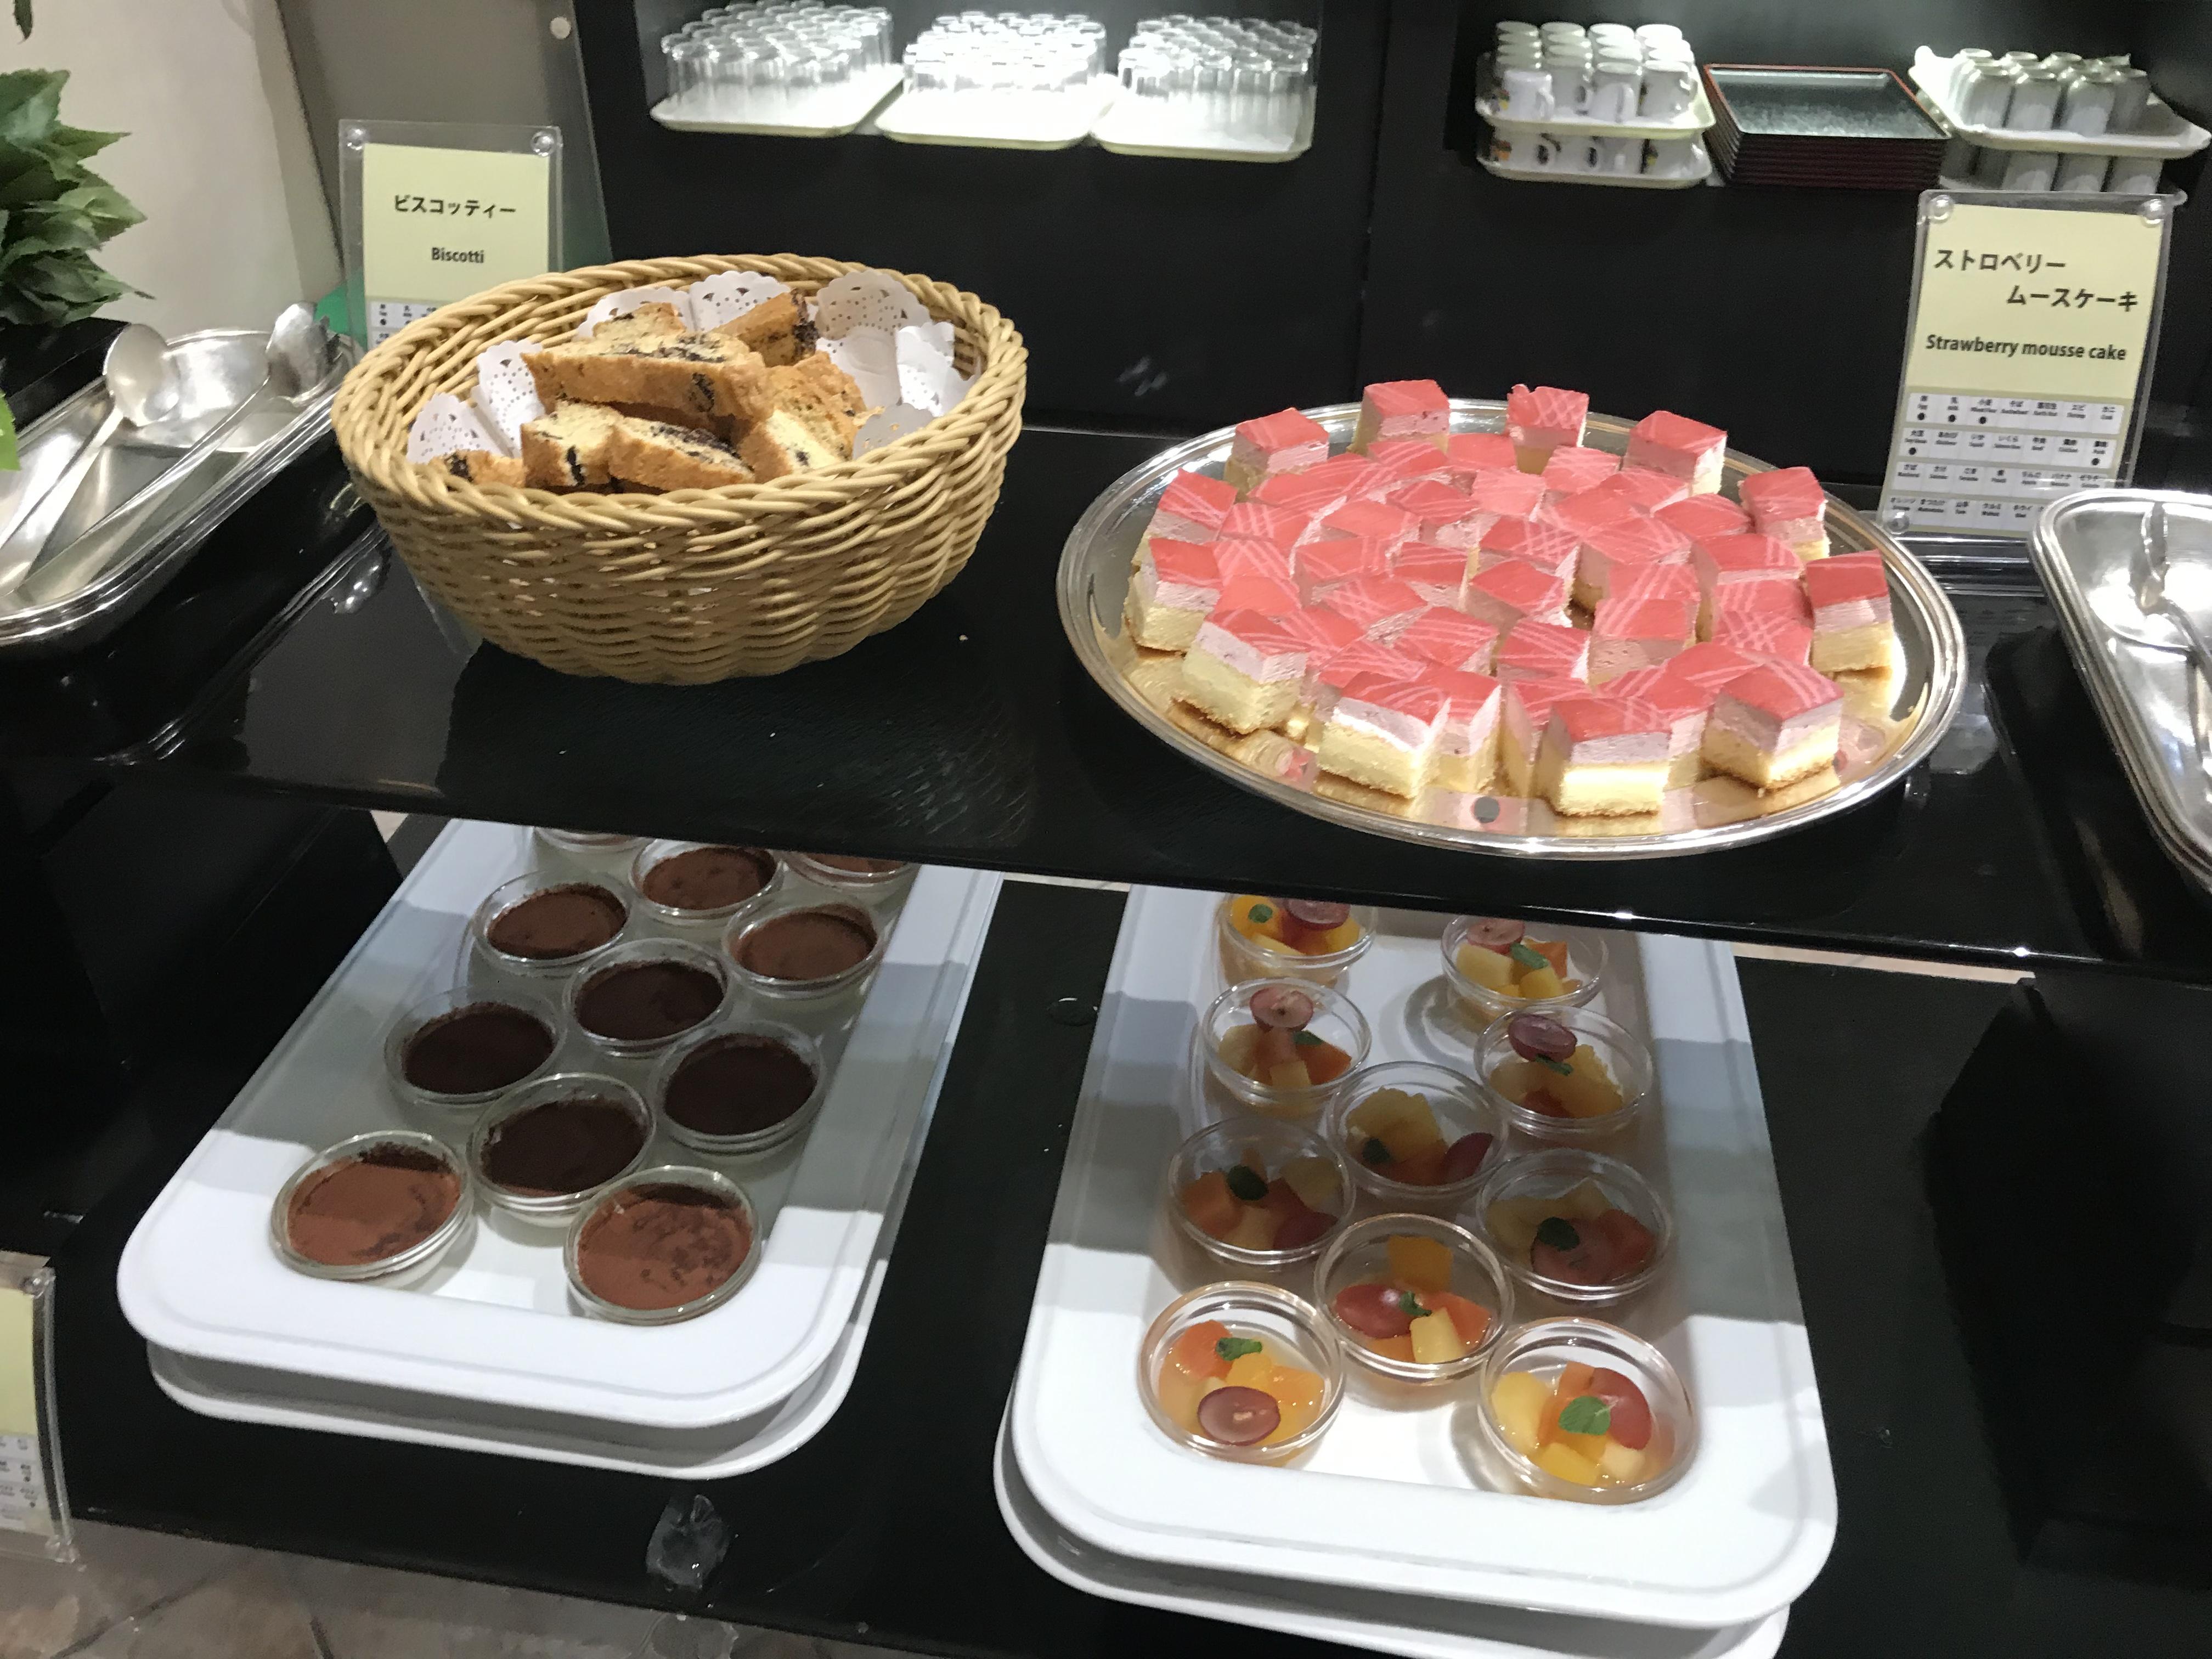 シーサイドホテル舞子ビラ神戸のバイキングにあるケーキ